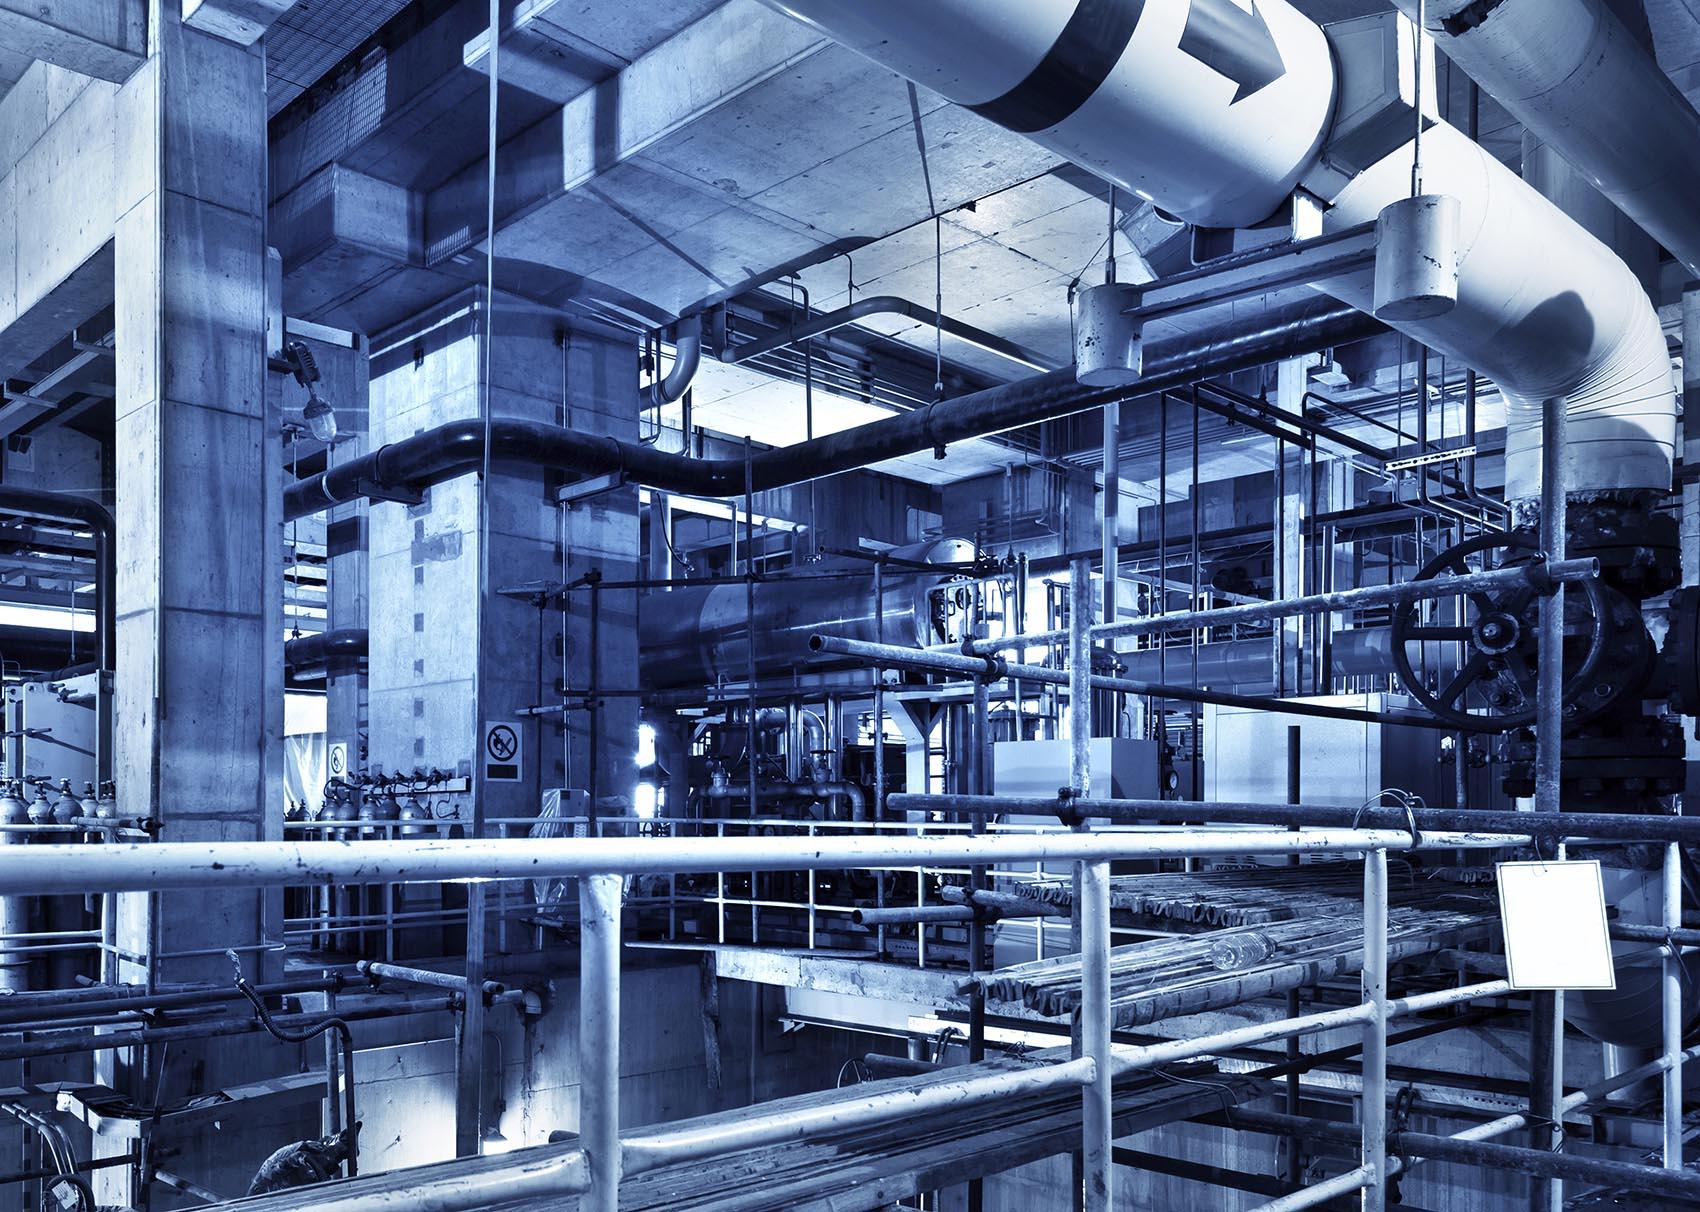 006 Boiler Room Equipment Sander Mechanical Service